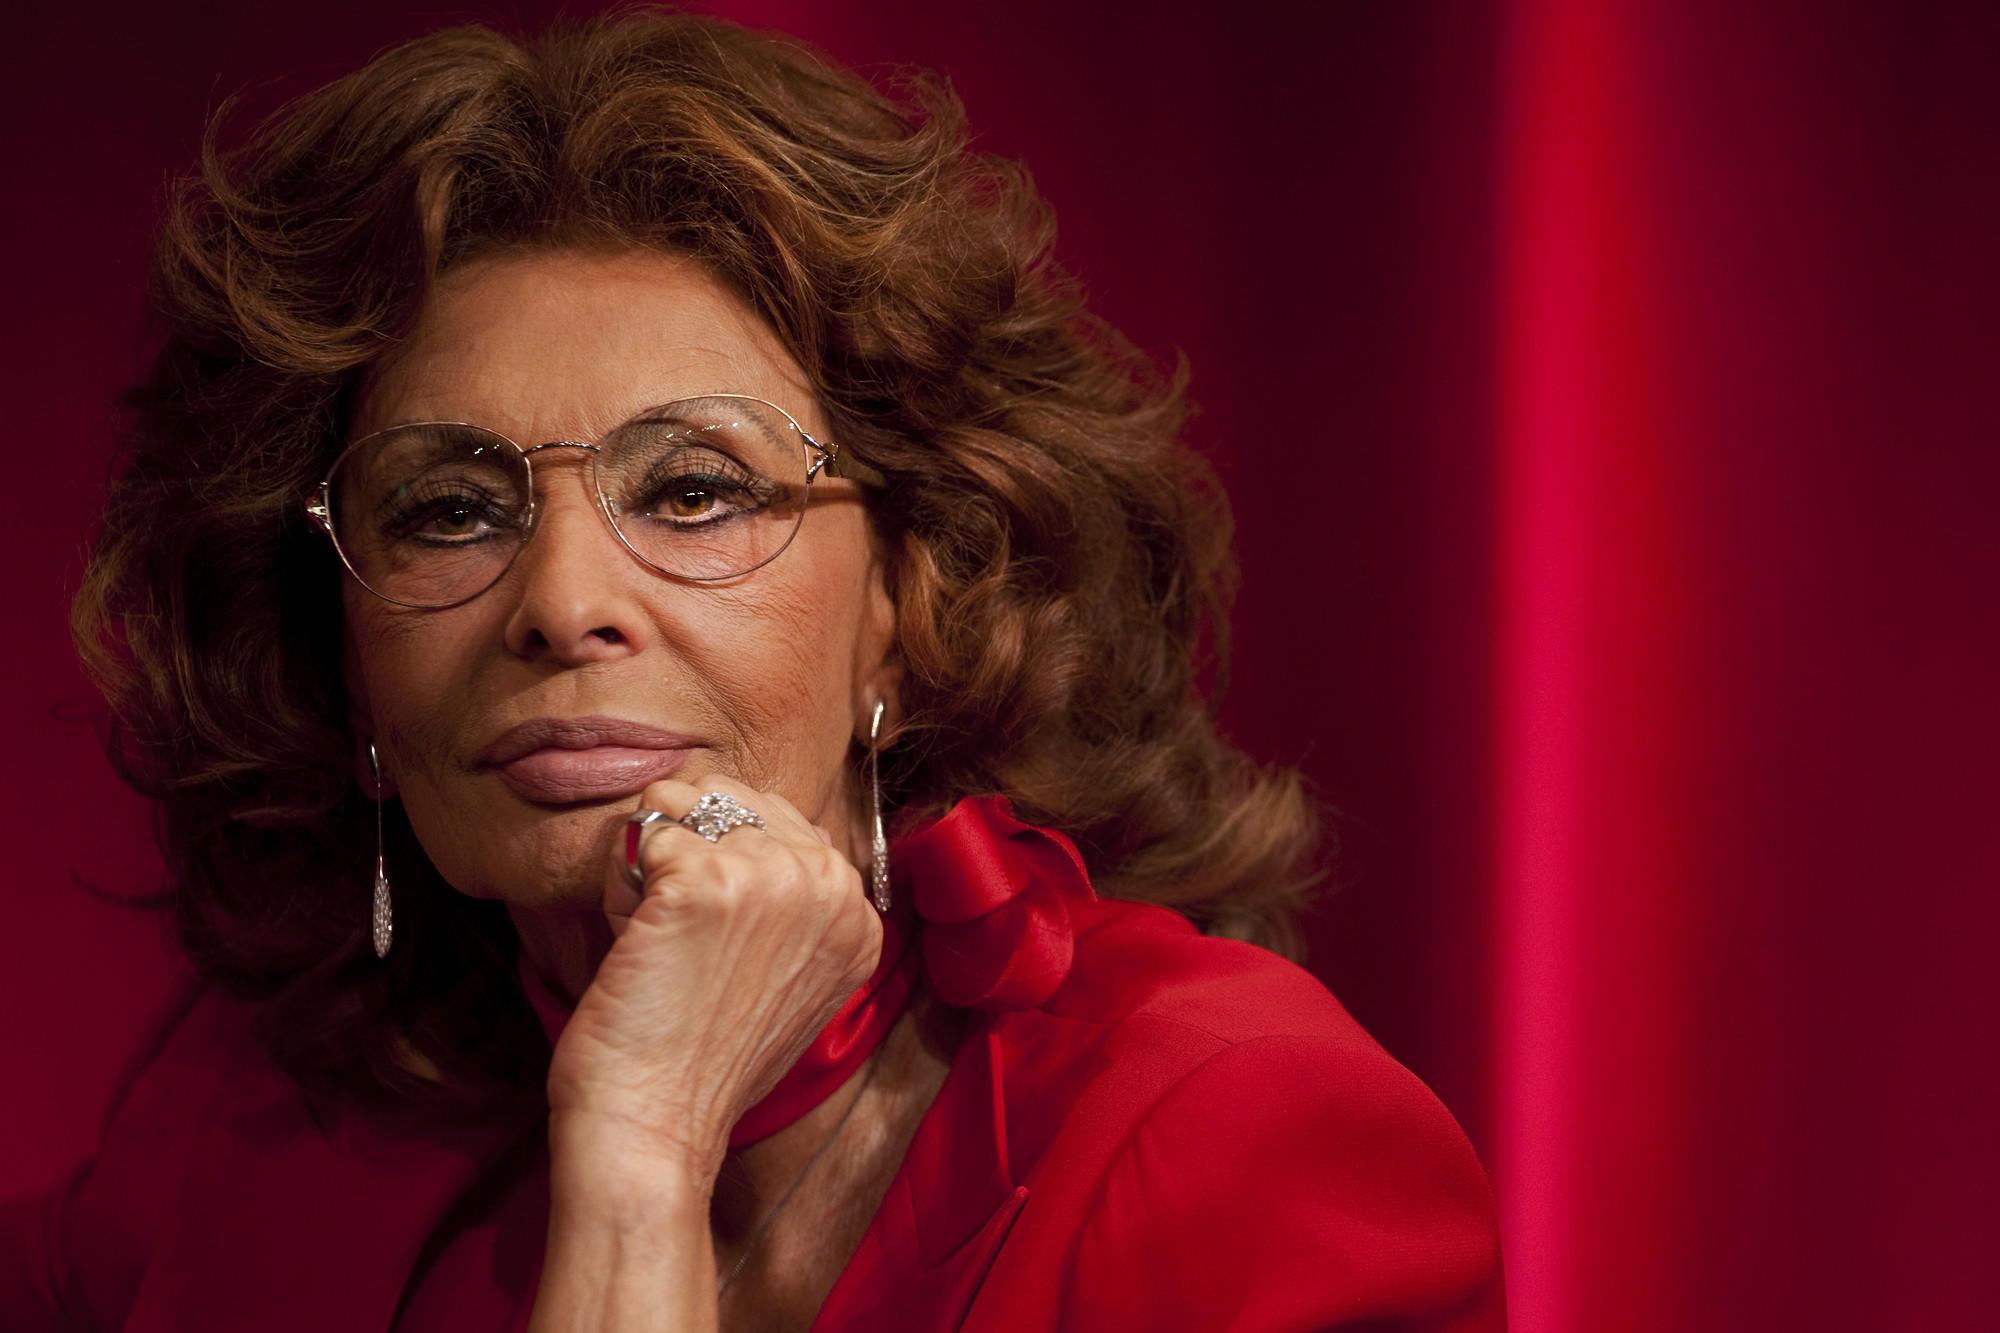 Sophia Loren Images